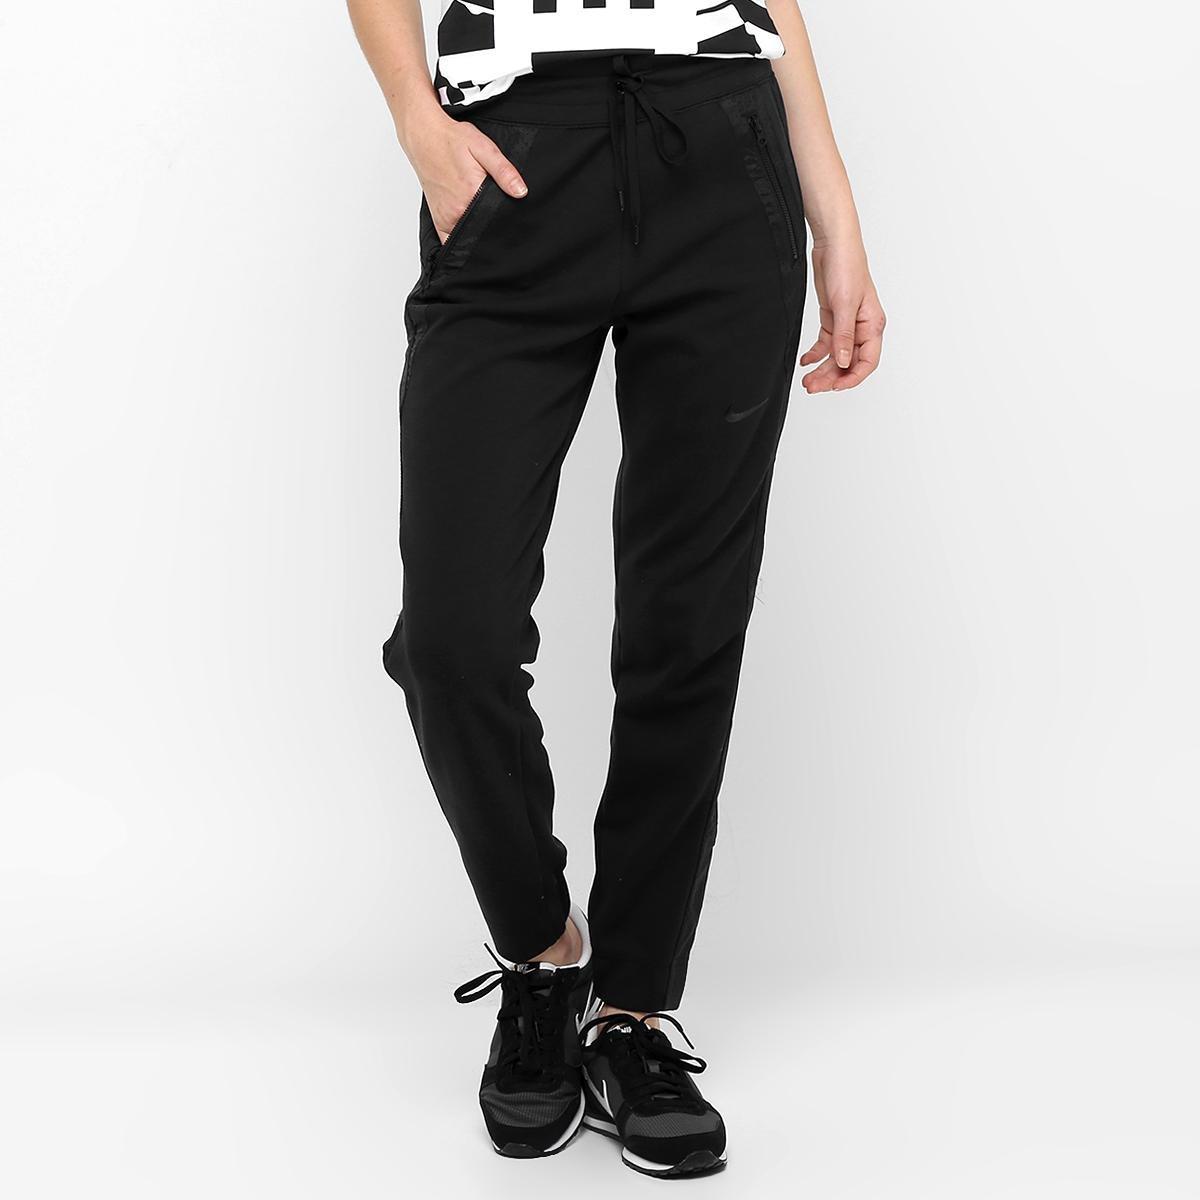 eb092b9c87 Calça Nike Advance 15 Fleece - Compre Agora